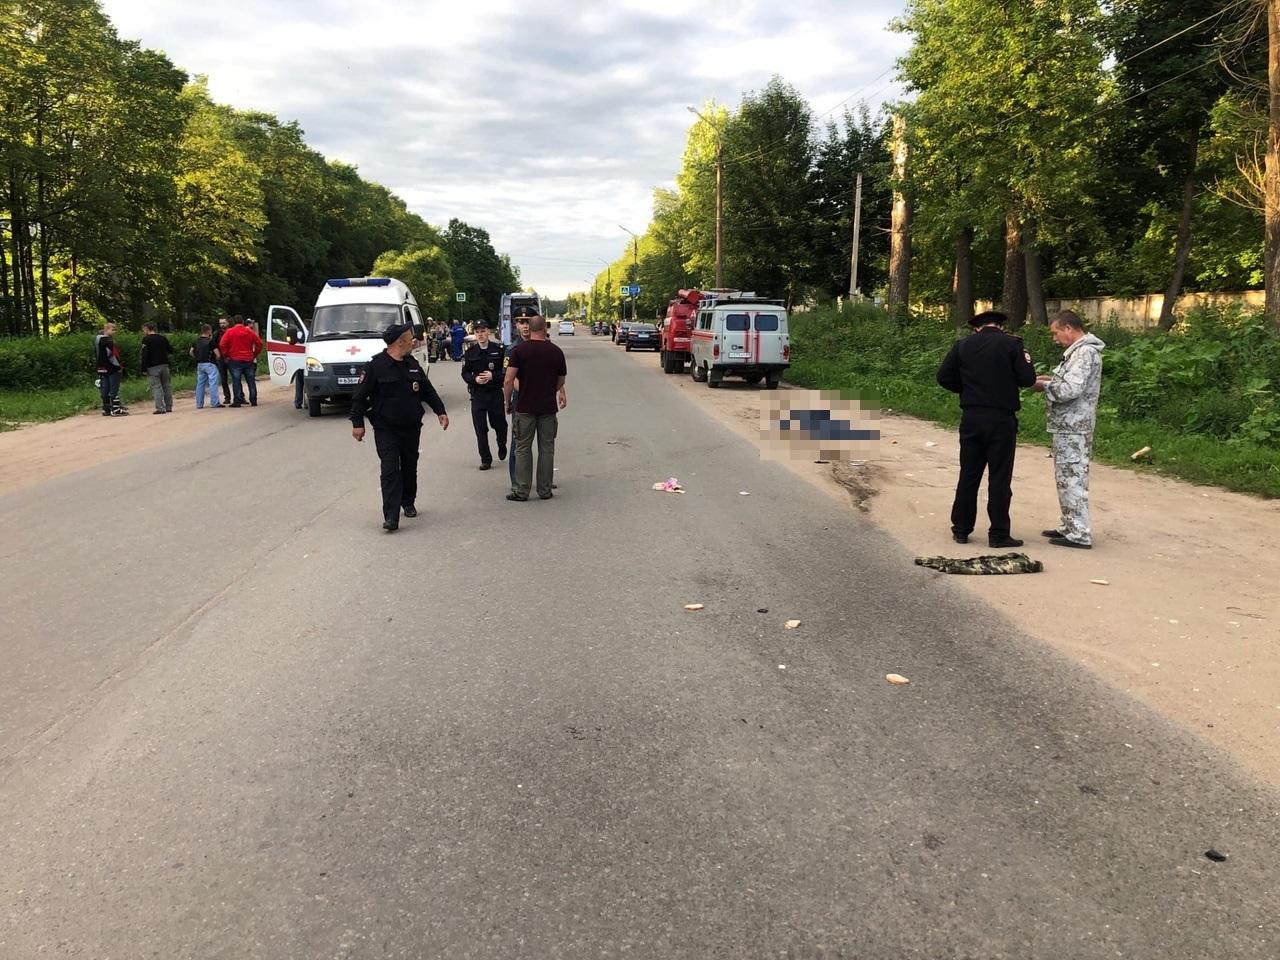 Мотоциклист насмерть сбил мужчину-пешехода в Тверской области